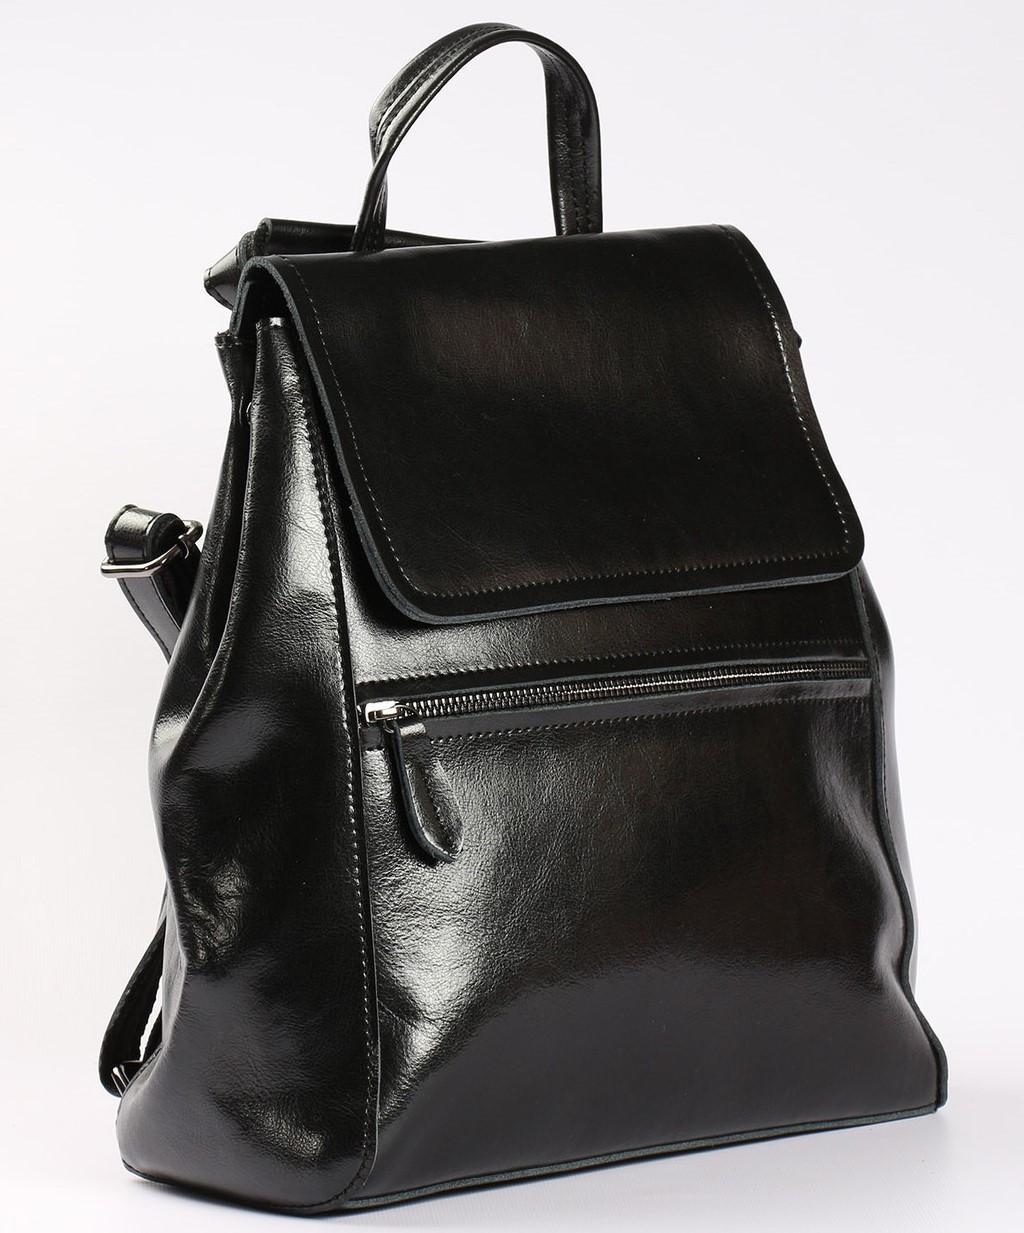 Черный женский рюкзак из натуральной кожи Tiding Bag - 54451